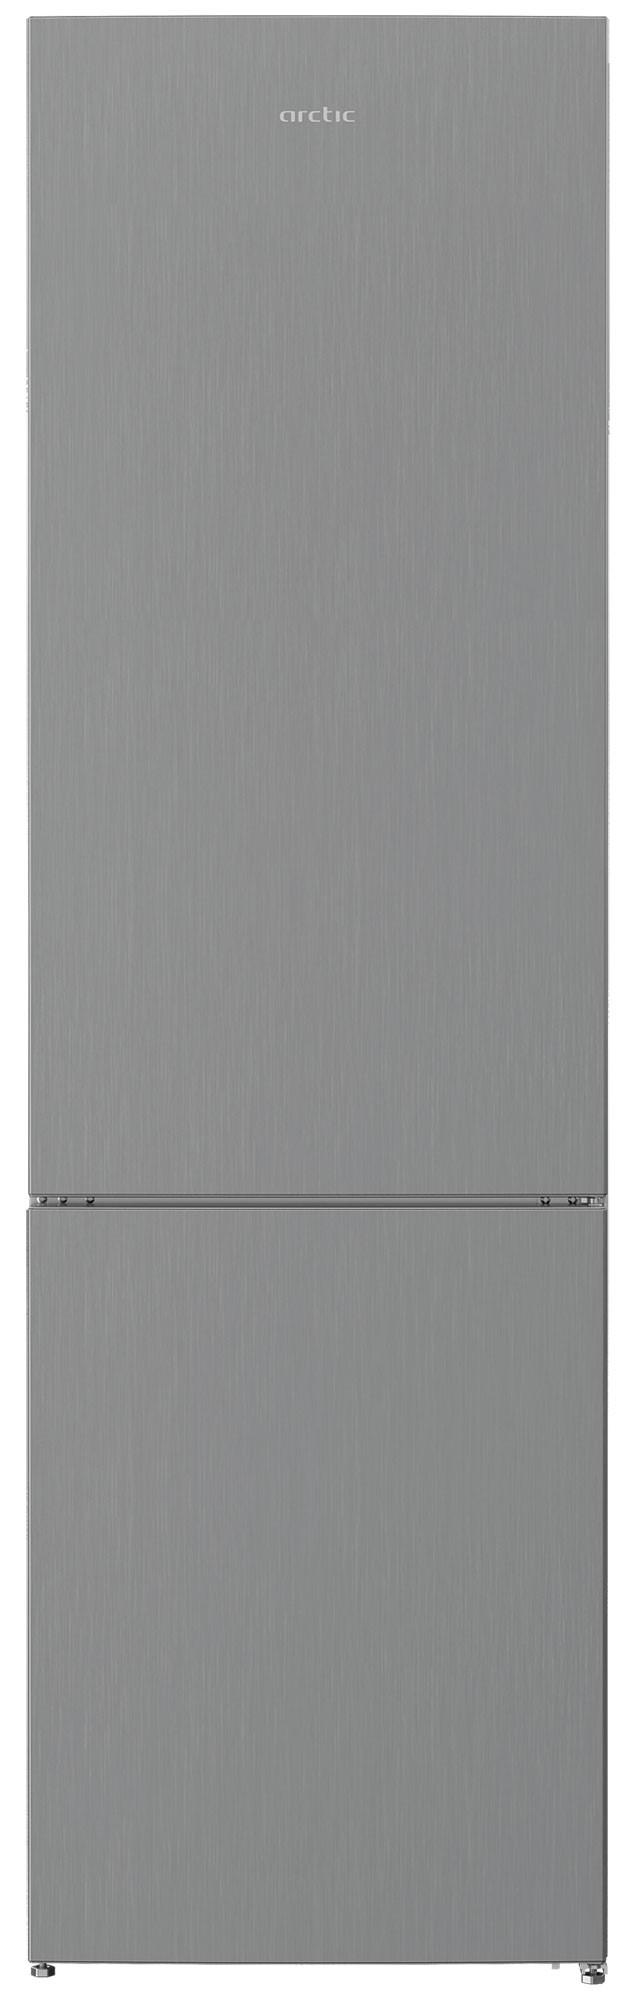 Combina frigorifica Arctic AK60360M30MT, 334 L, Garden Fresh, Argintiu, F